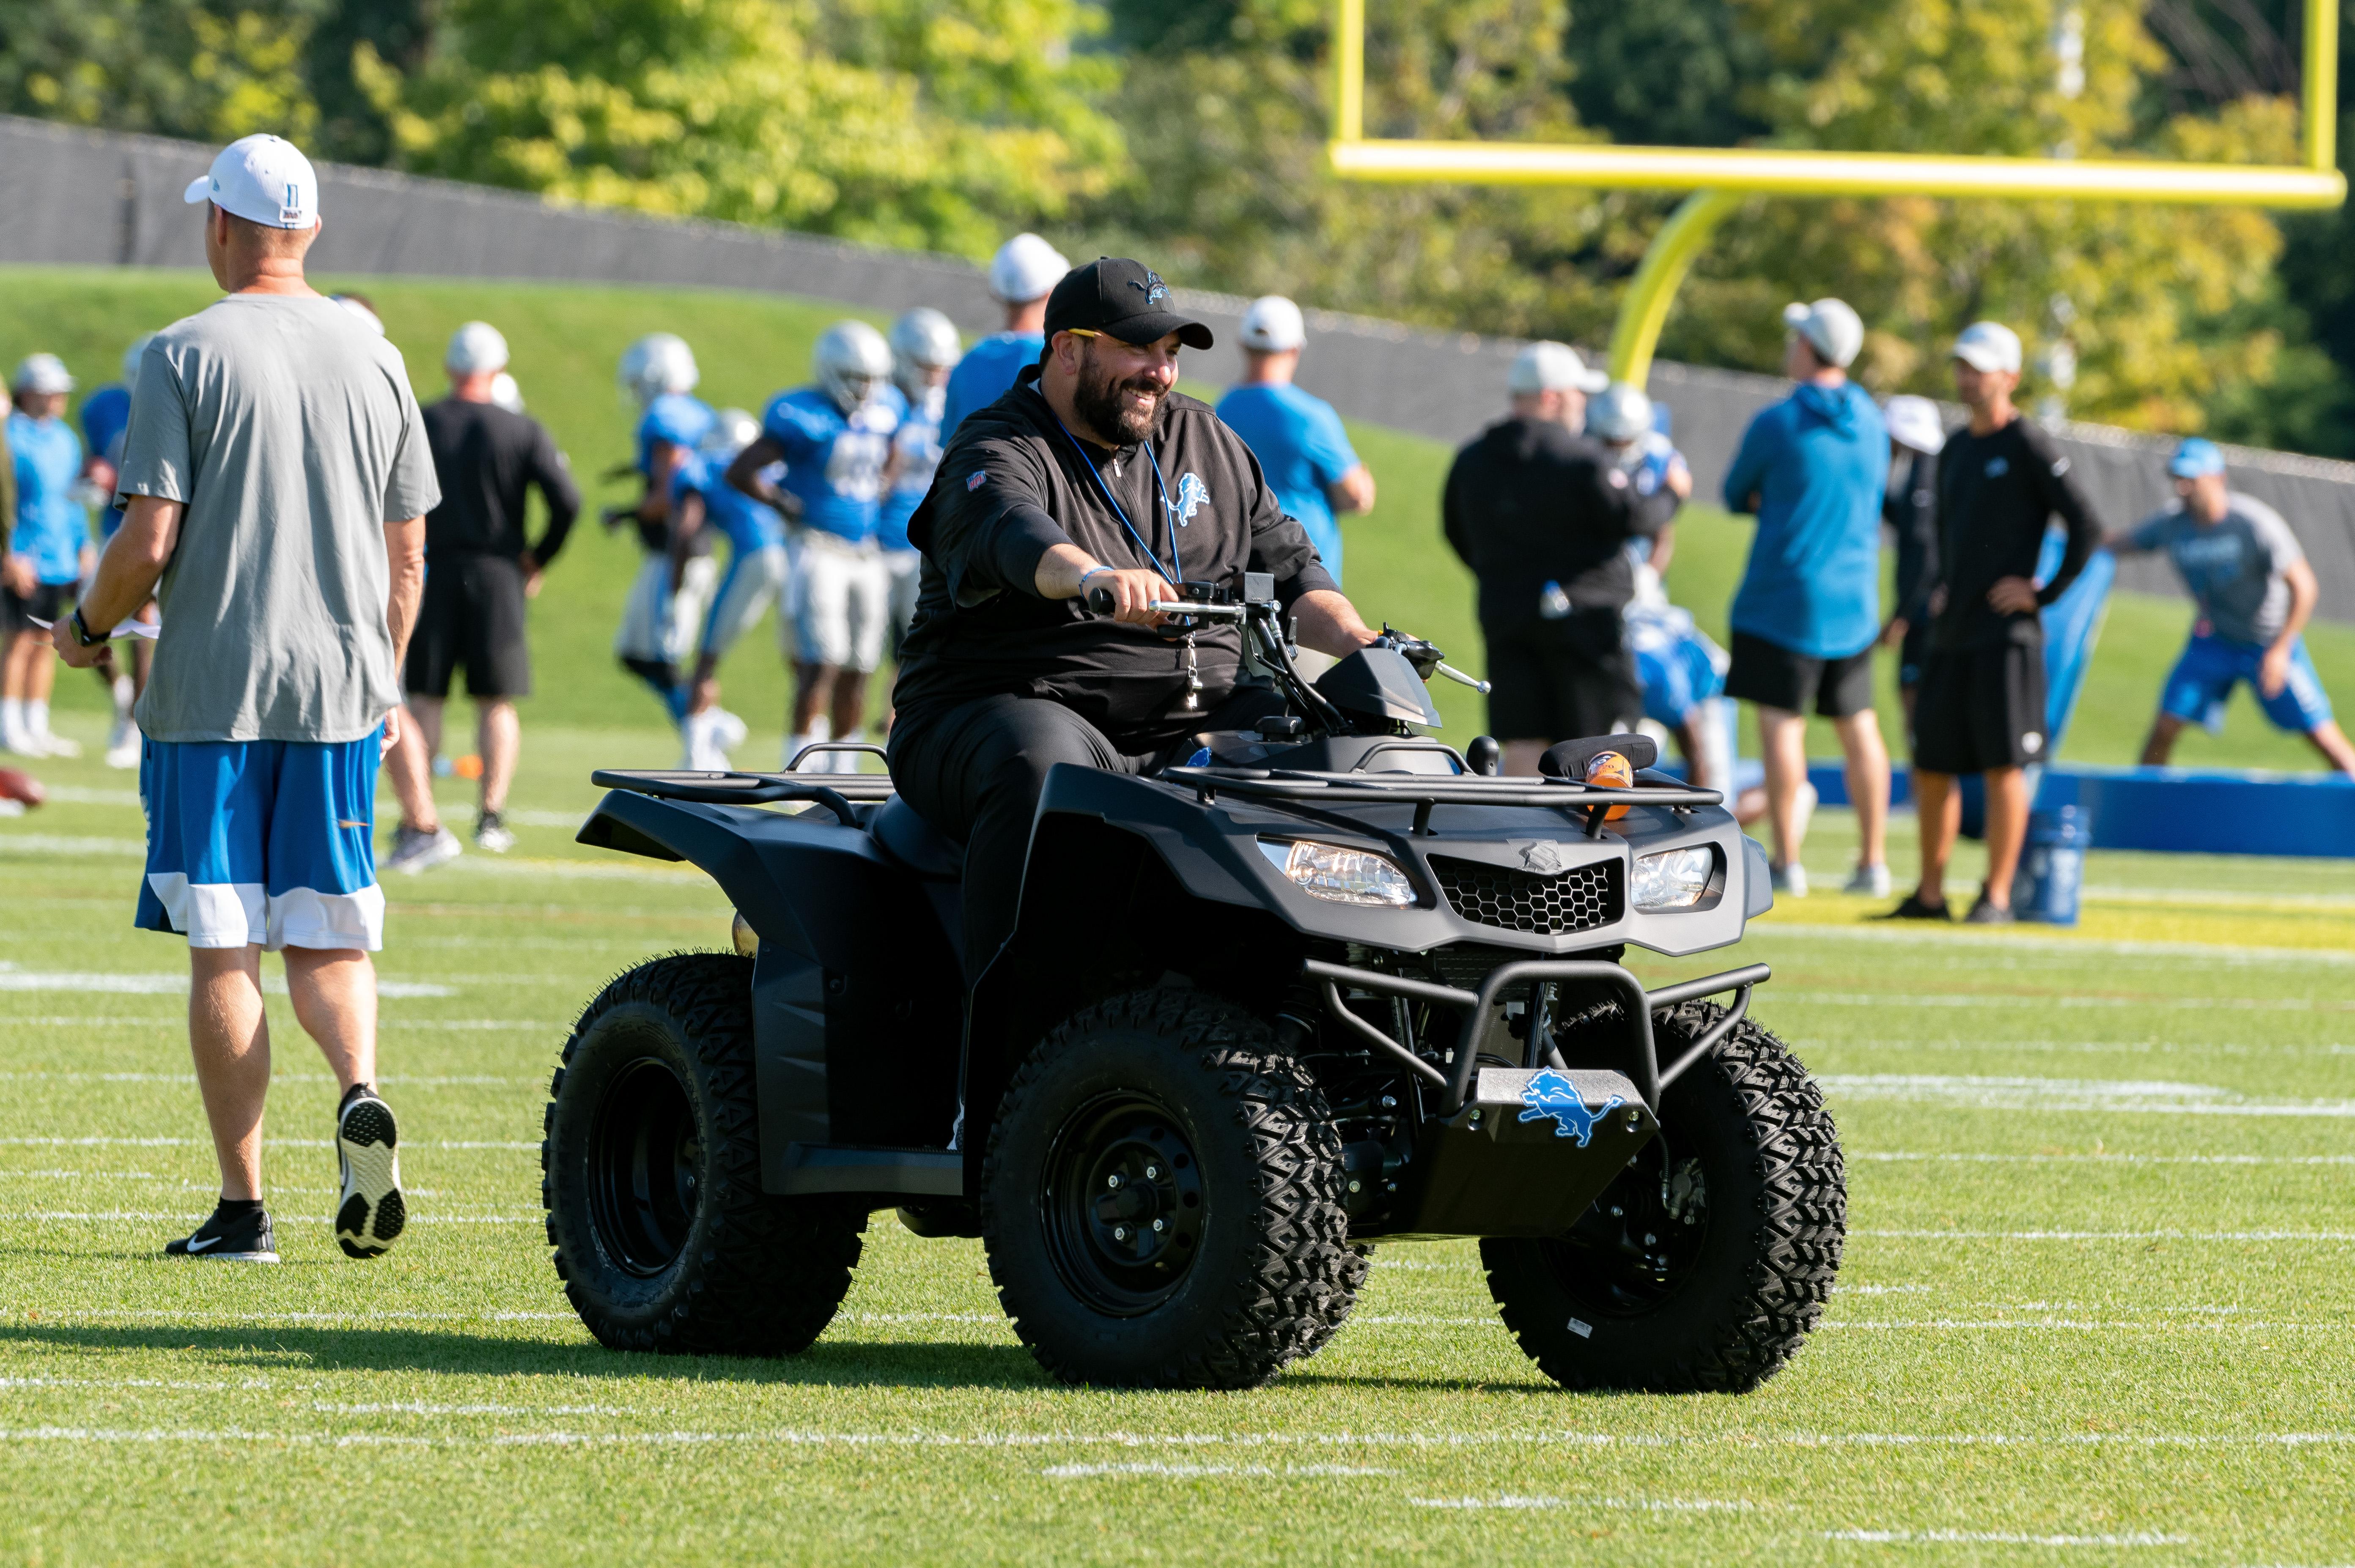 NFL: JUL 30 Detroit Lions Training Camp